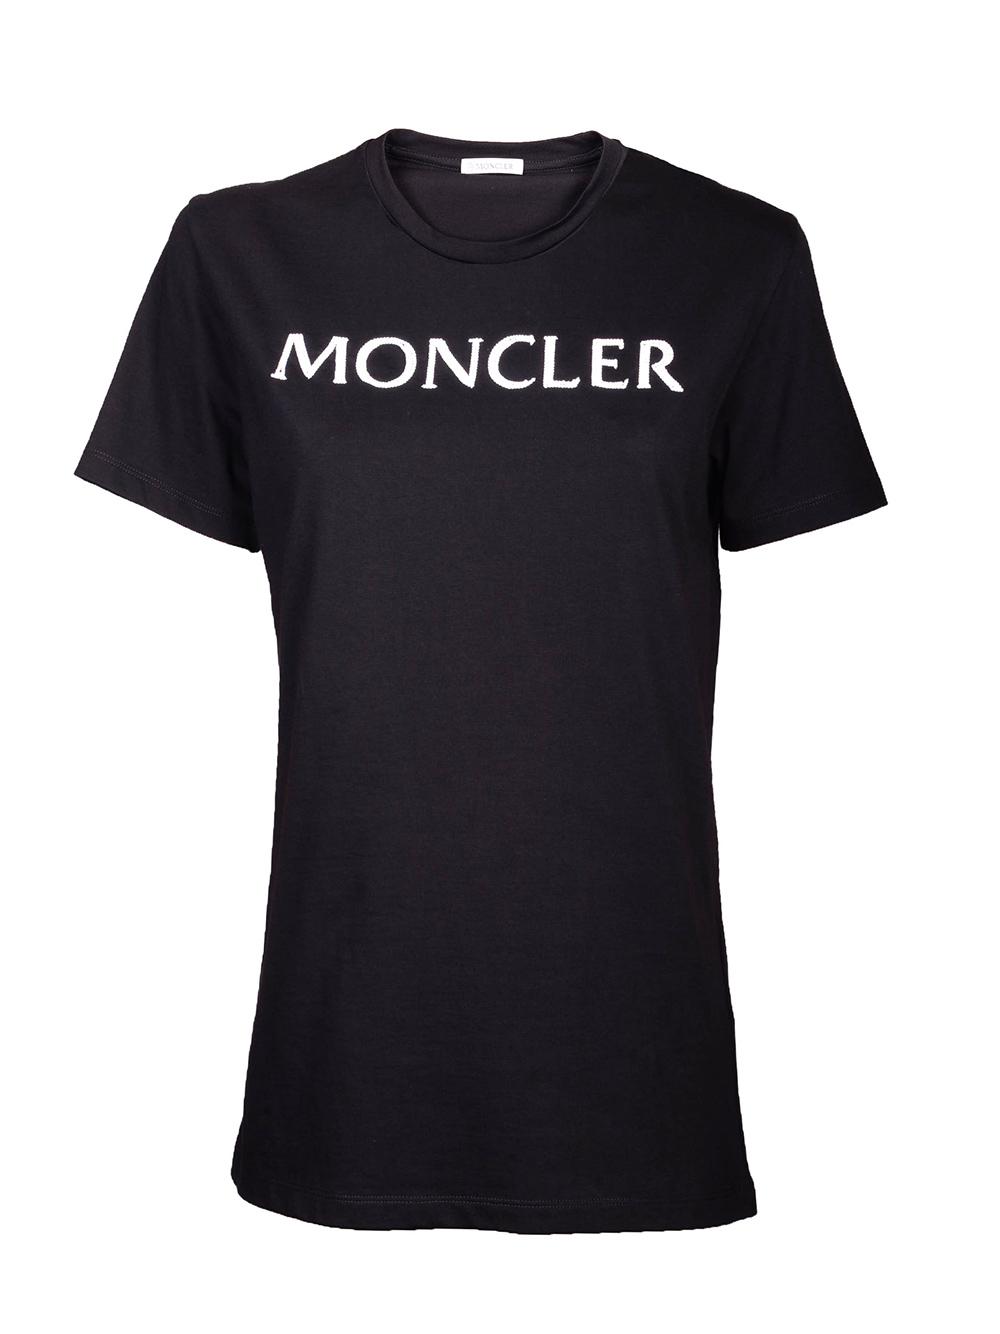 MONCLER Μπλούζα T-Shirt E1-093-8051250 ΜΑΥΡΟ